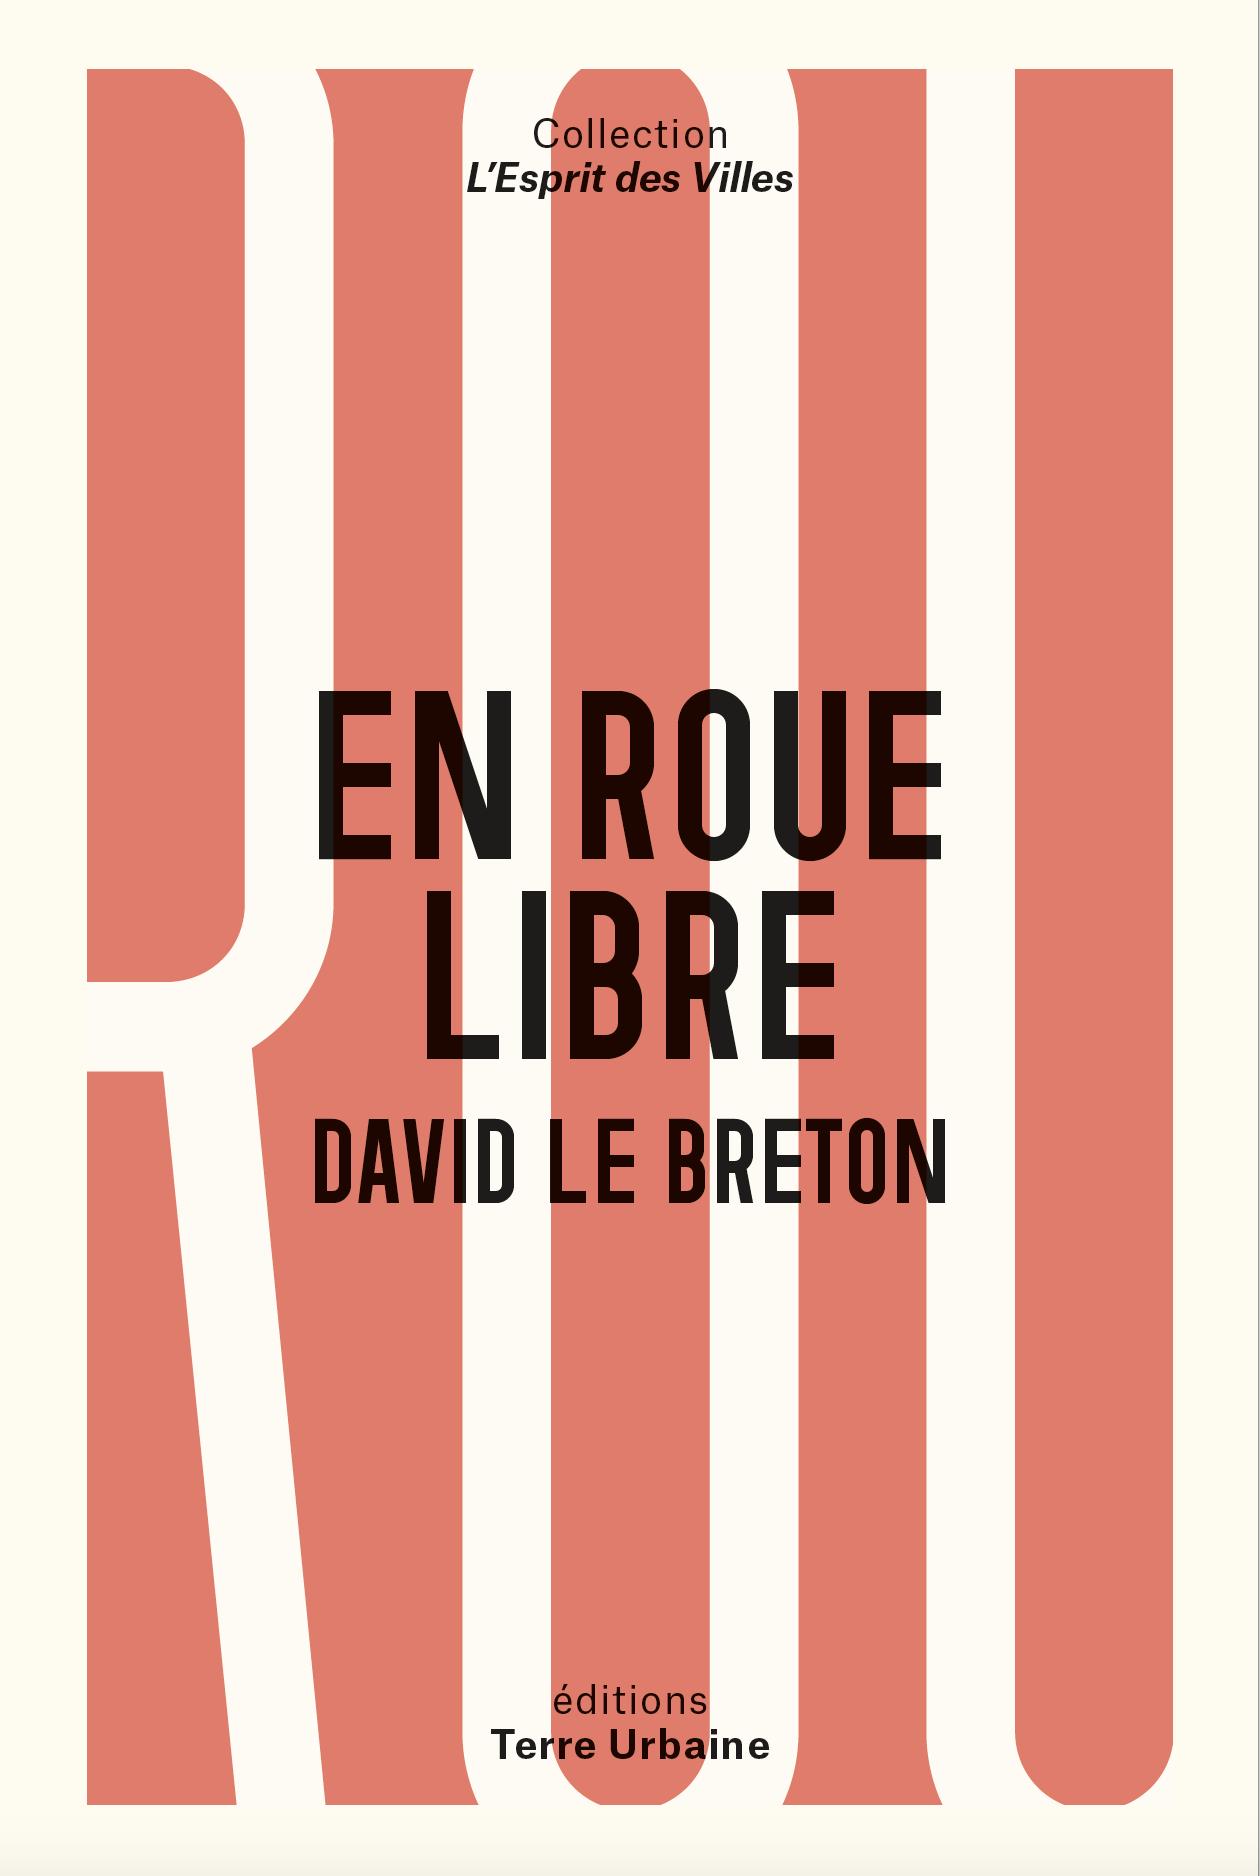 Chez La nouvelle librairie - En roue libre, David Le Breton -19€.